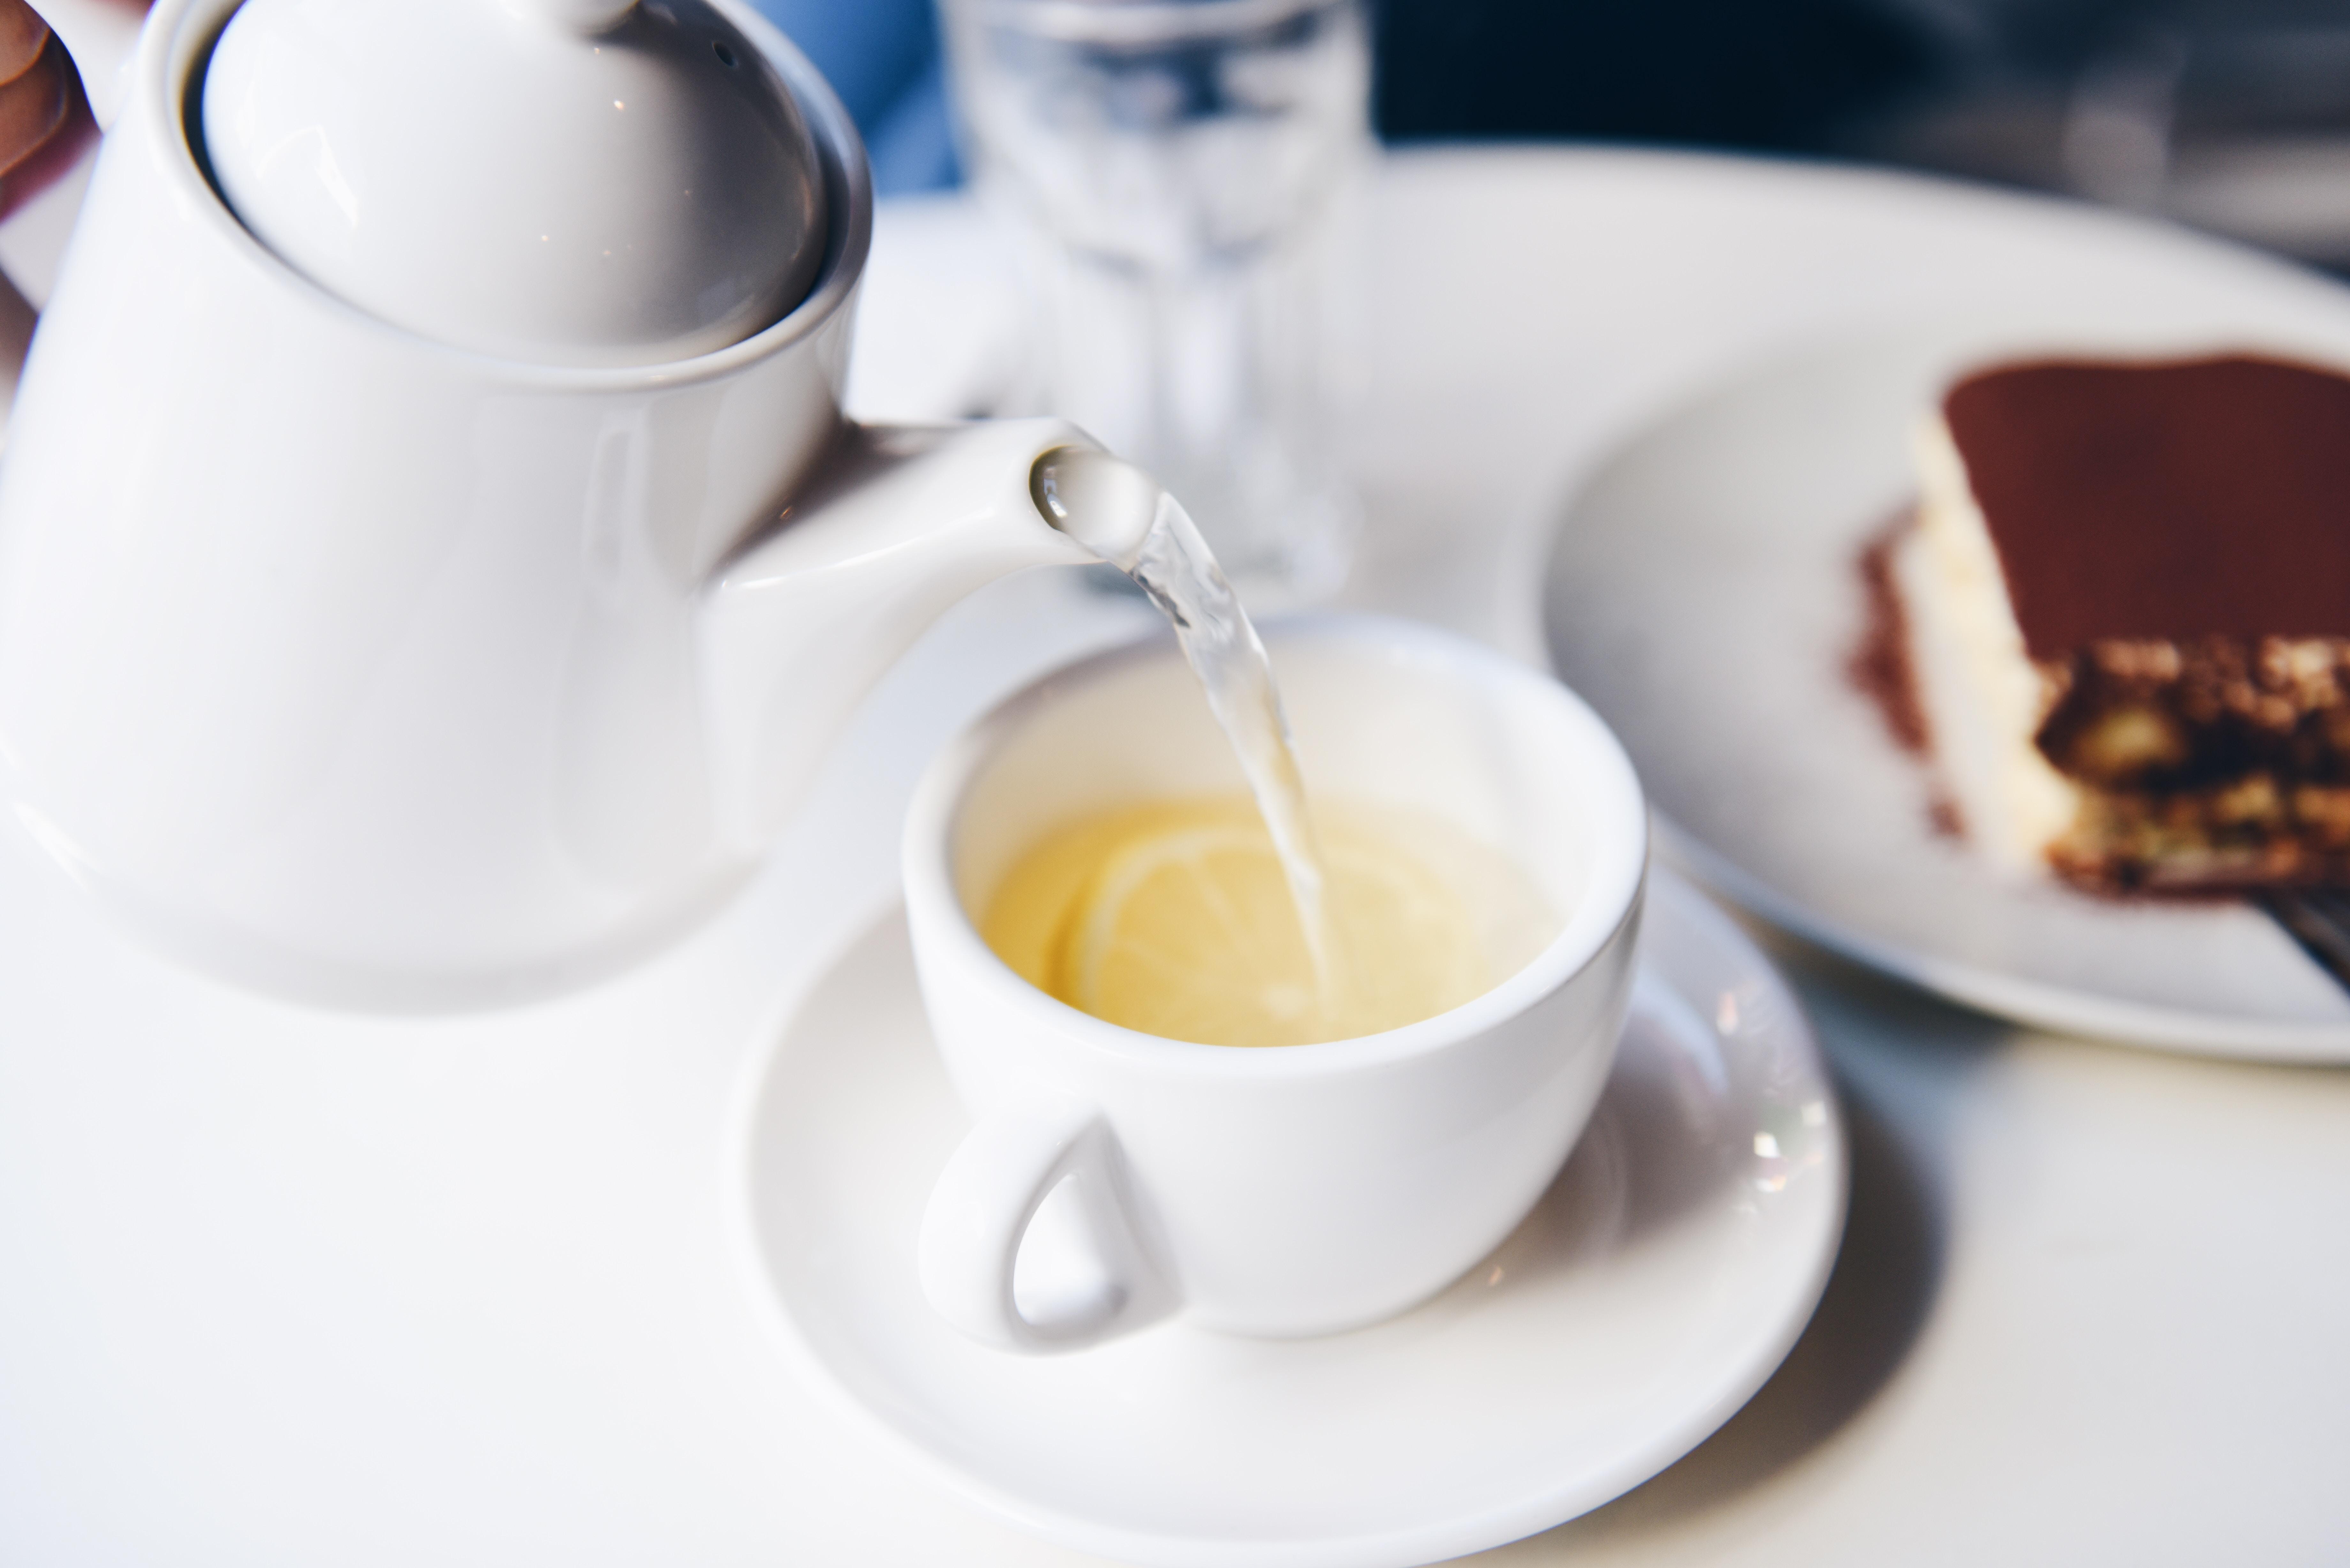 k csésze fogyás tea